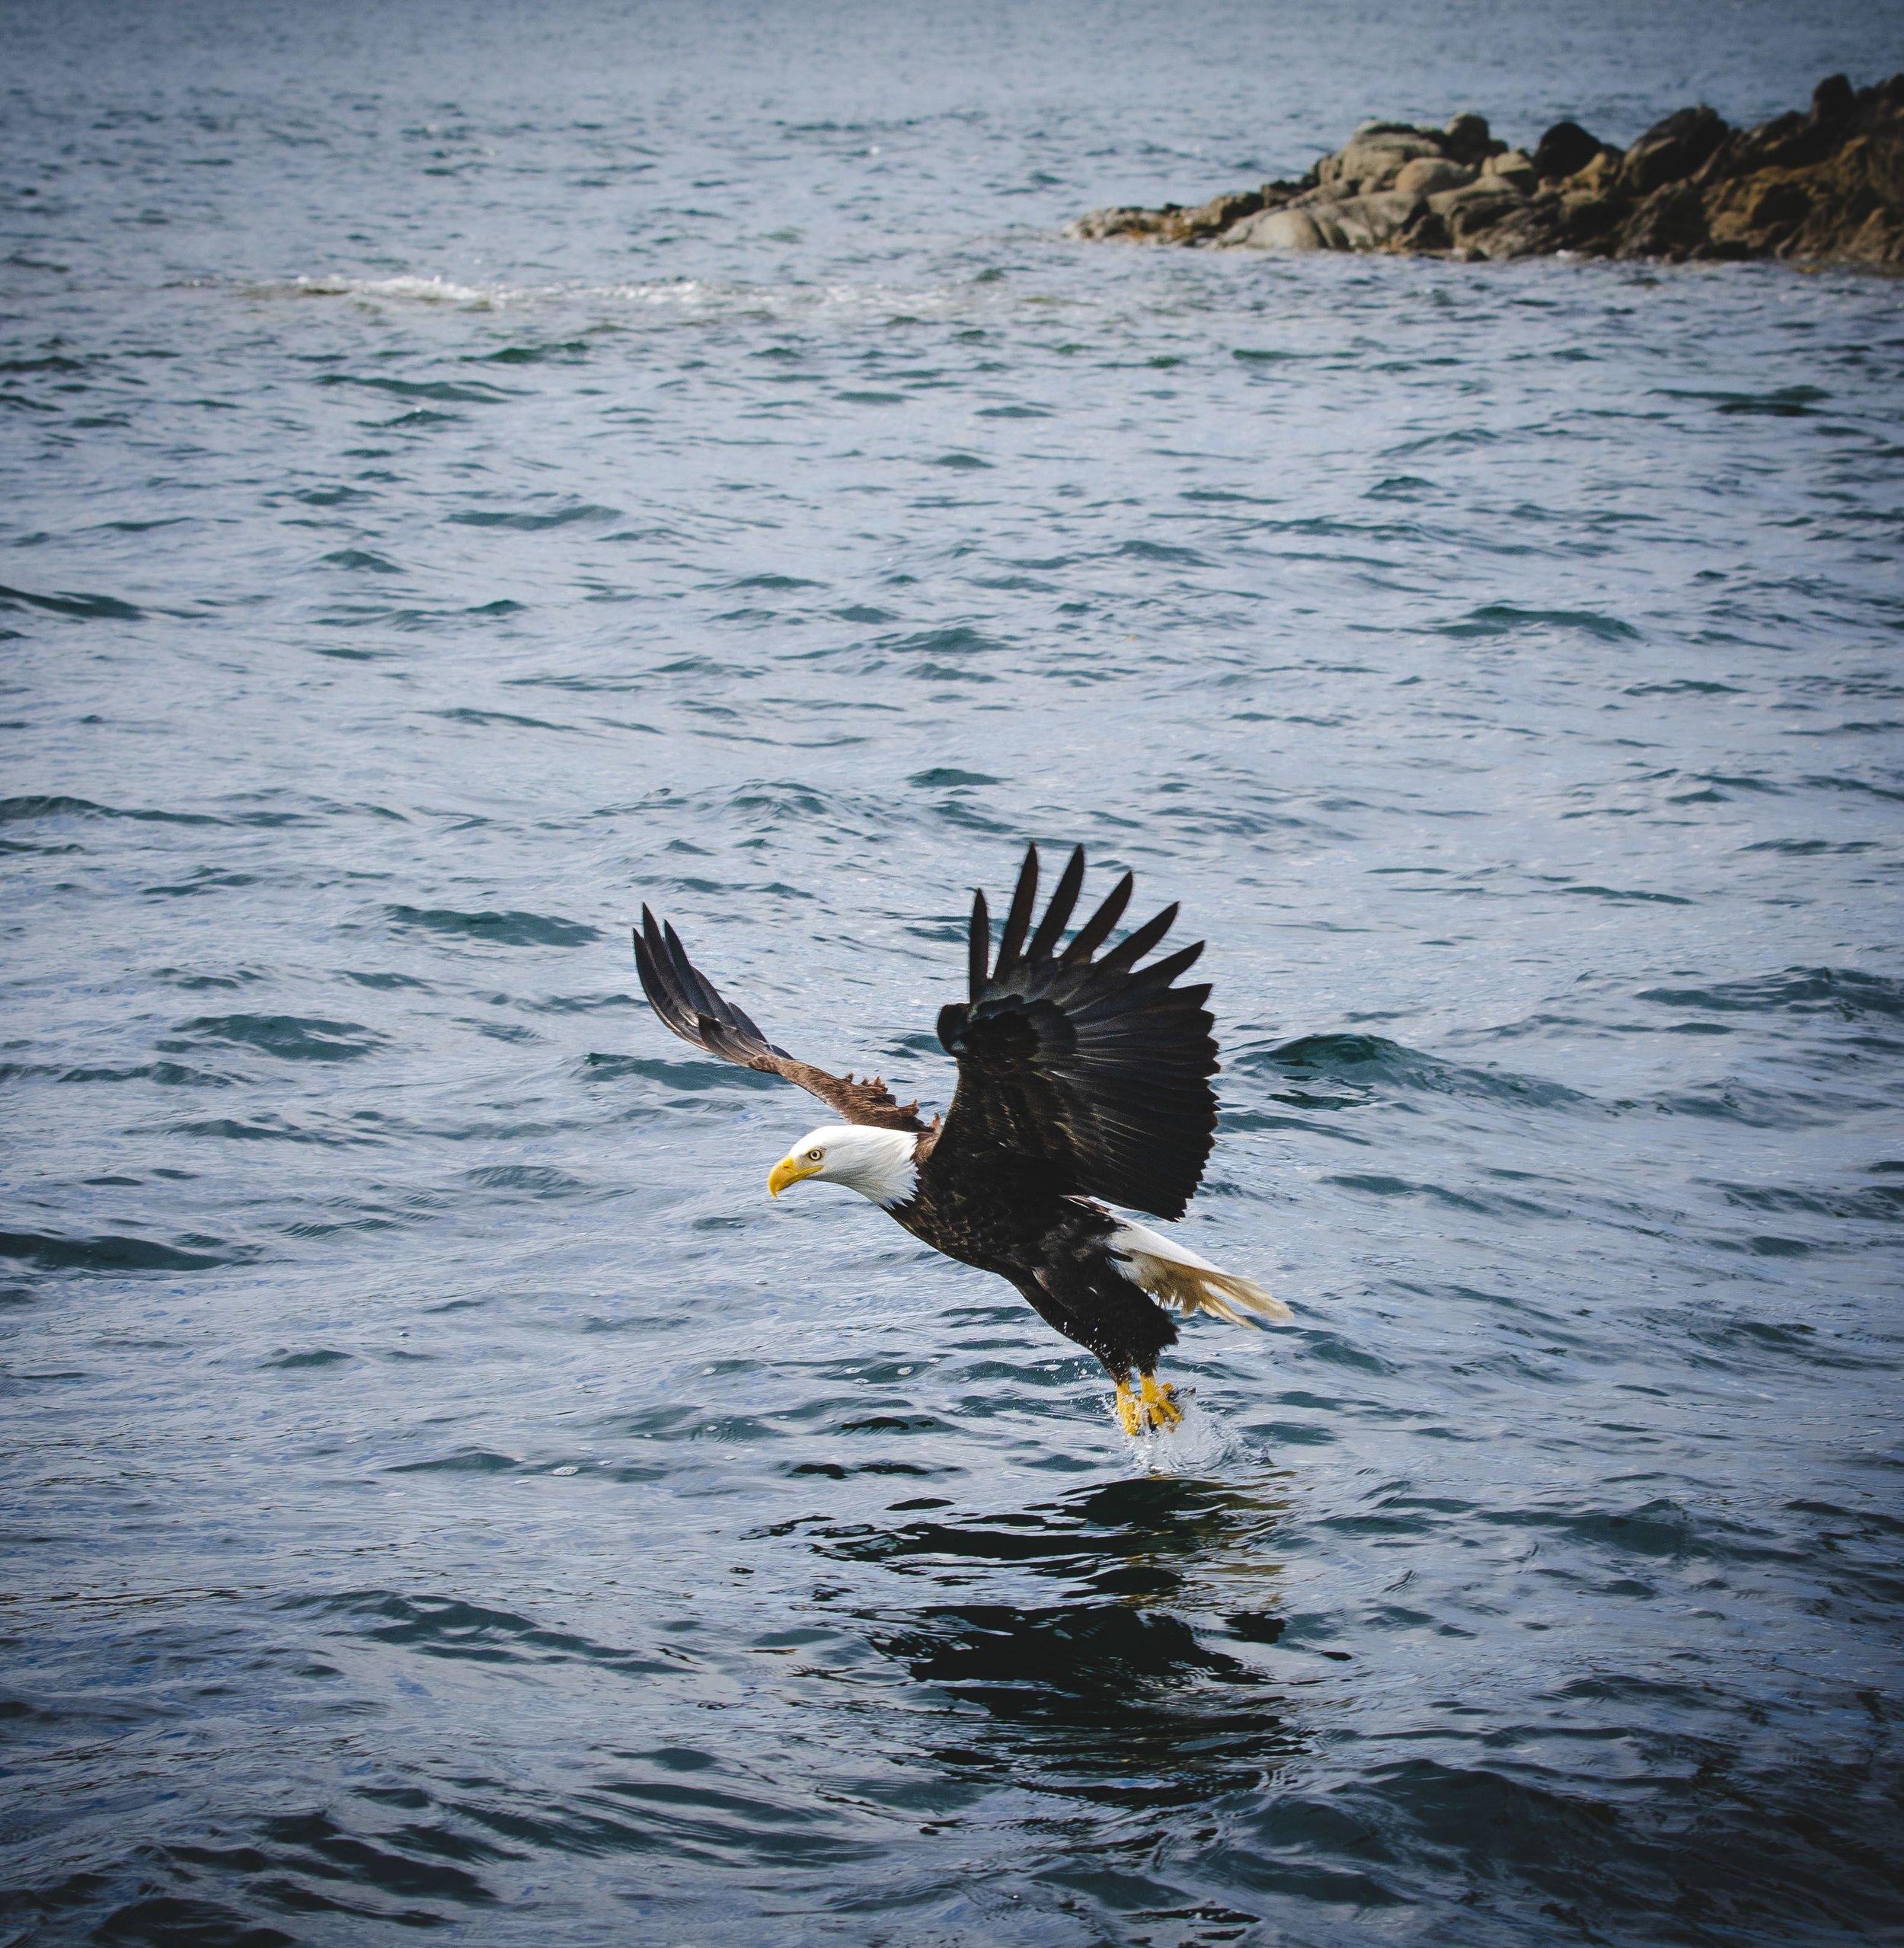 Bald eagle_1.JPG